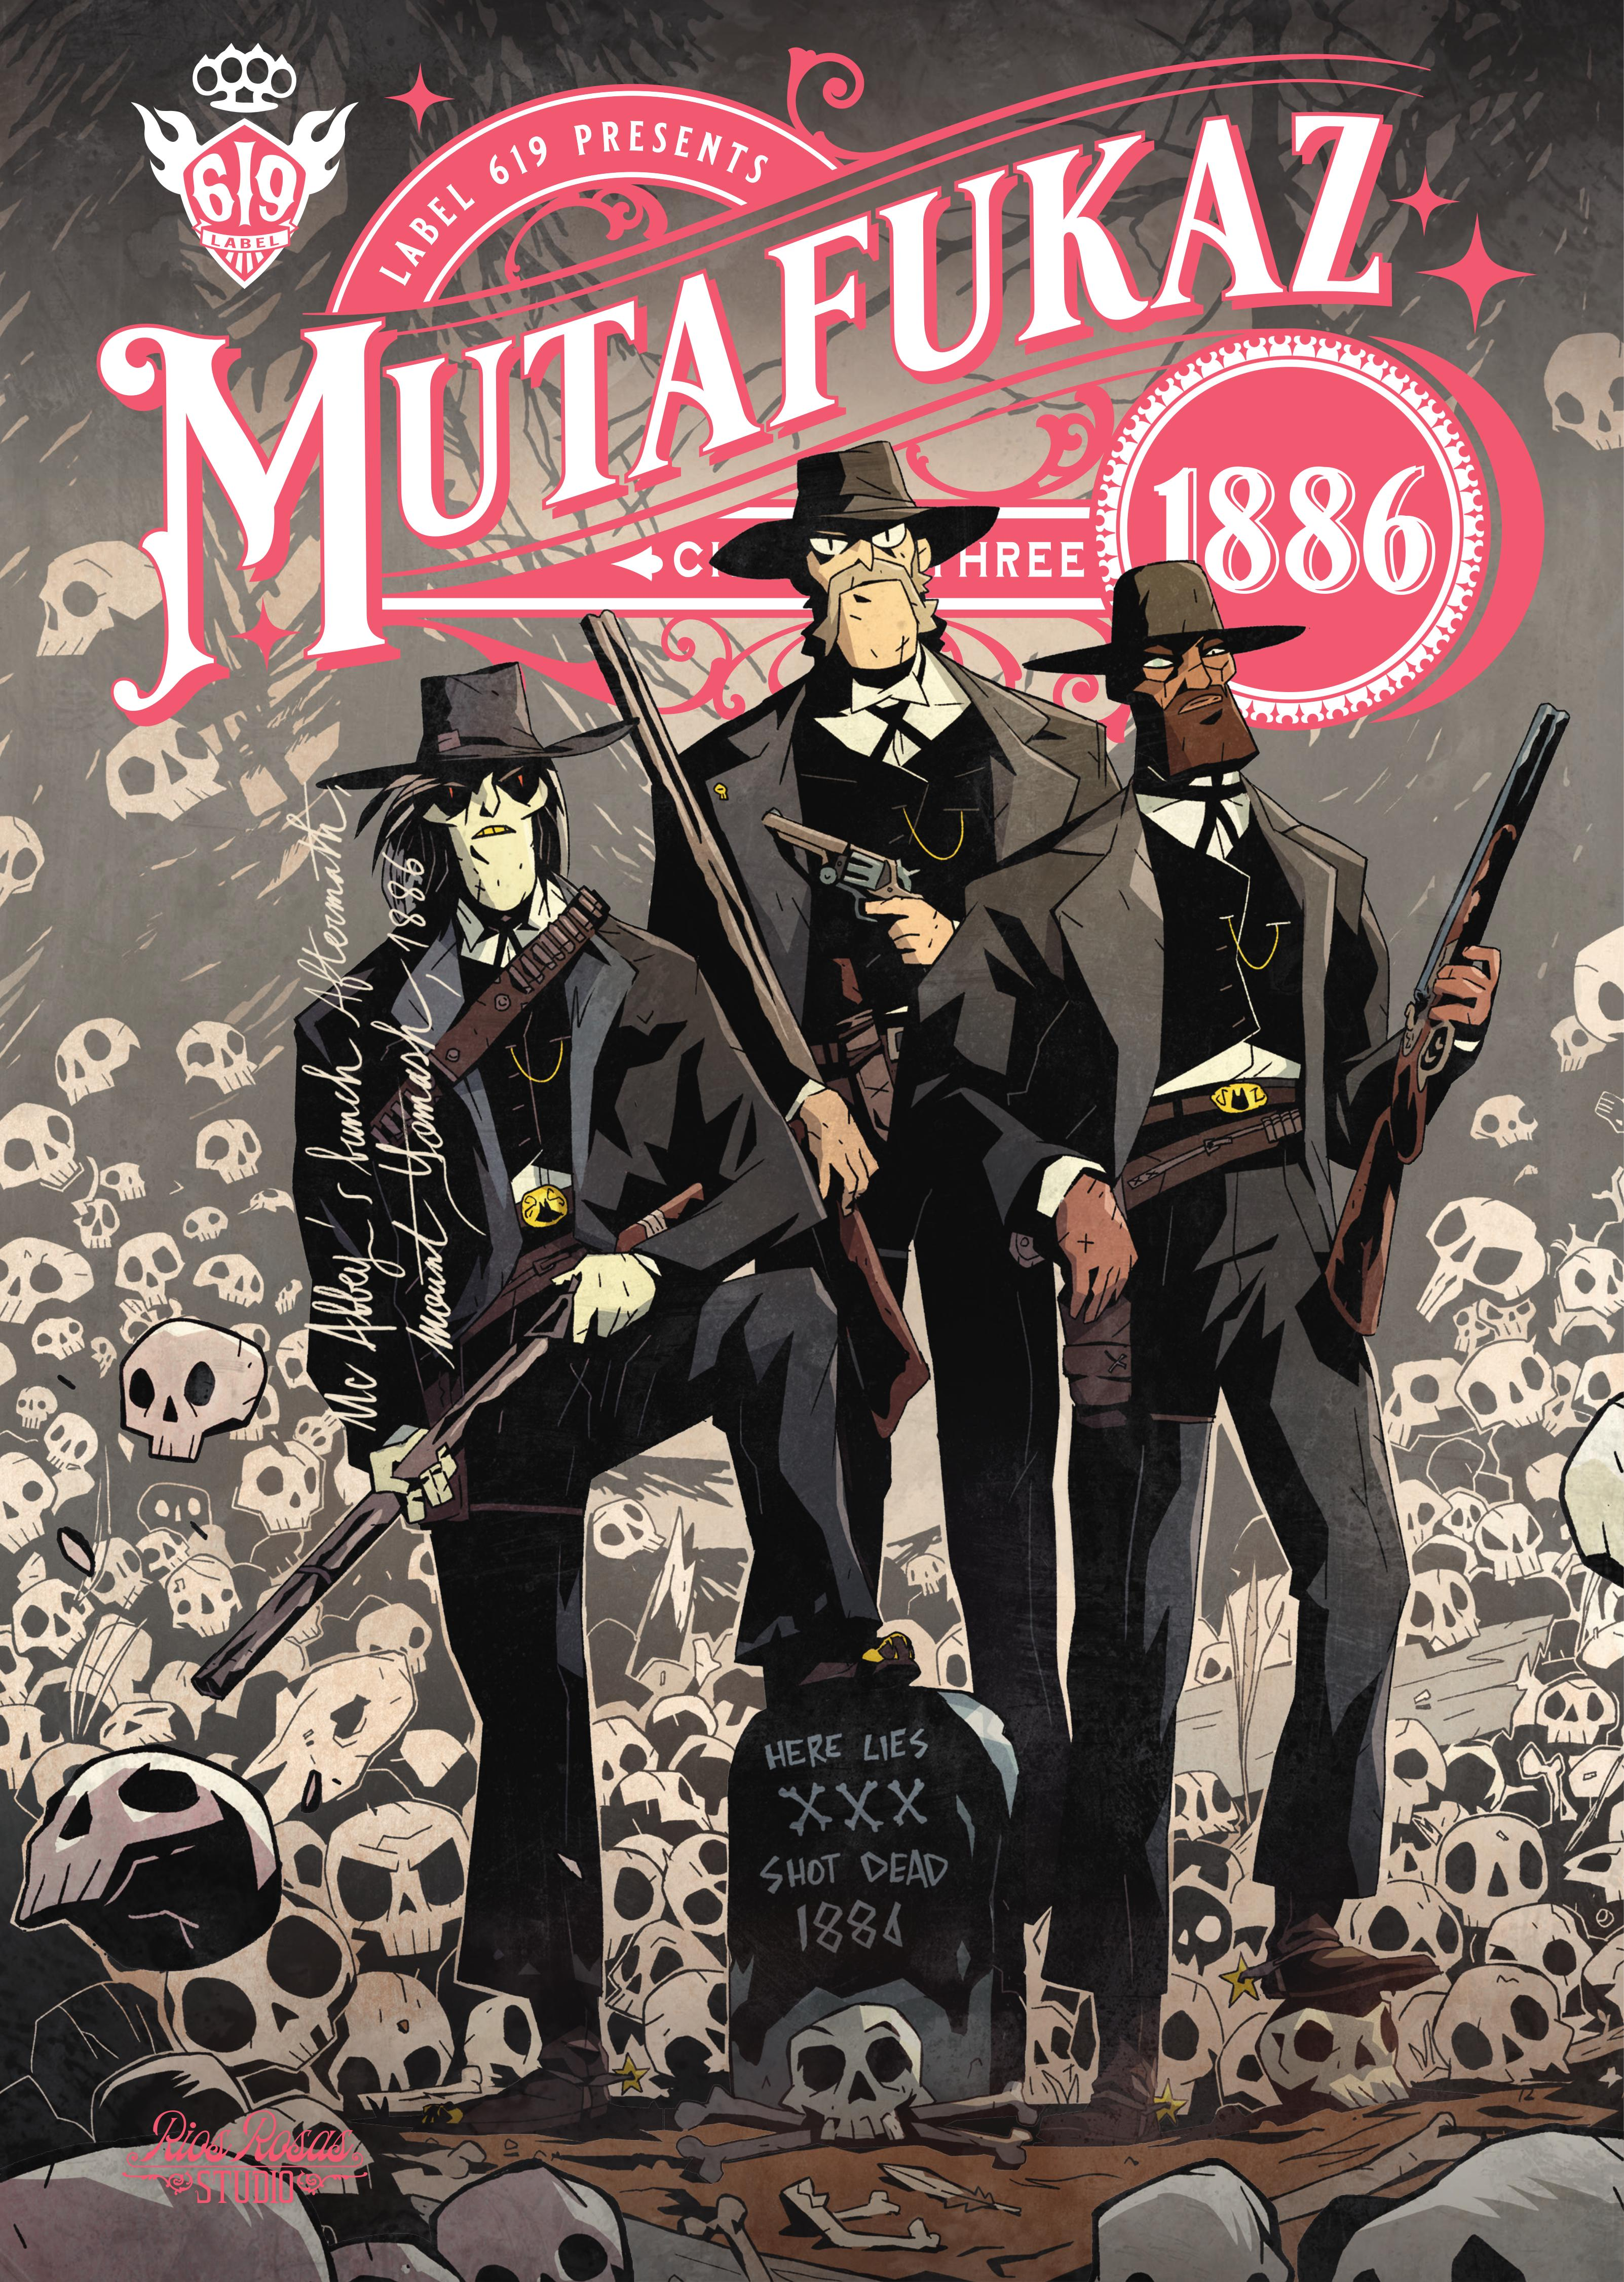 Mutafukaz 1886 3